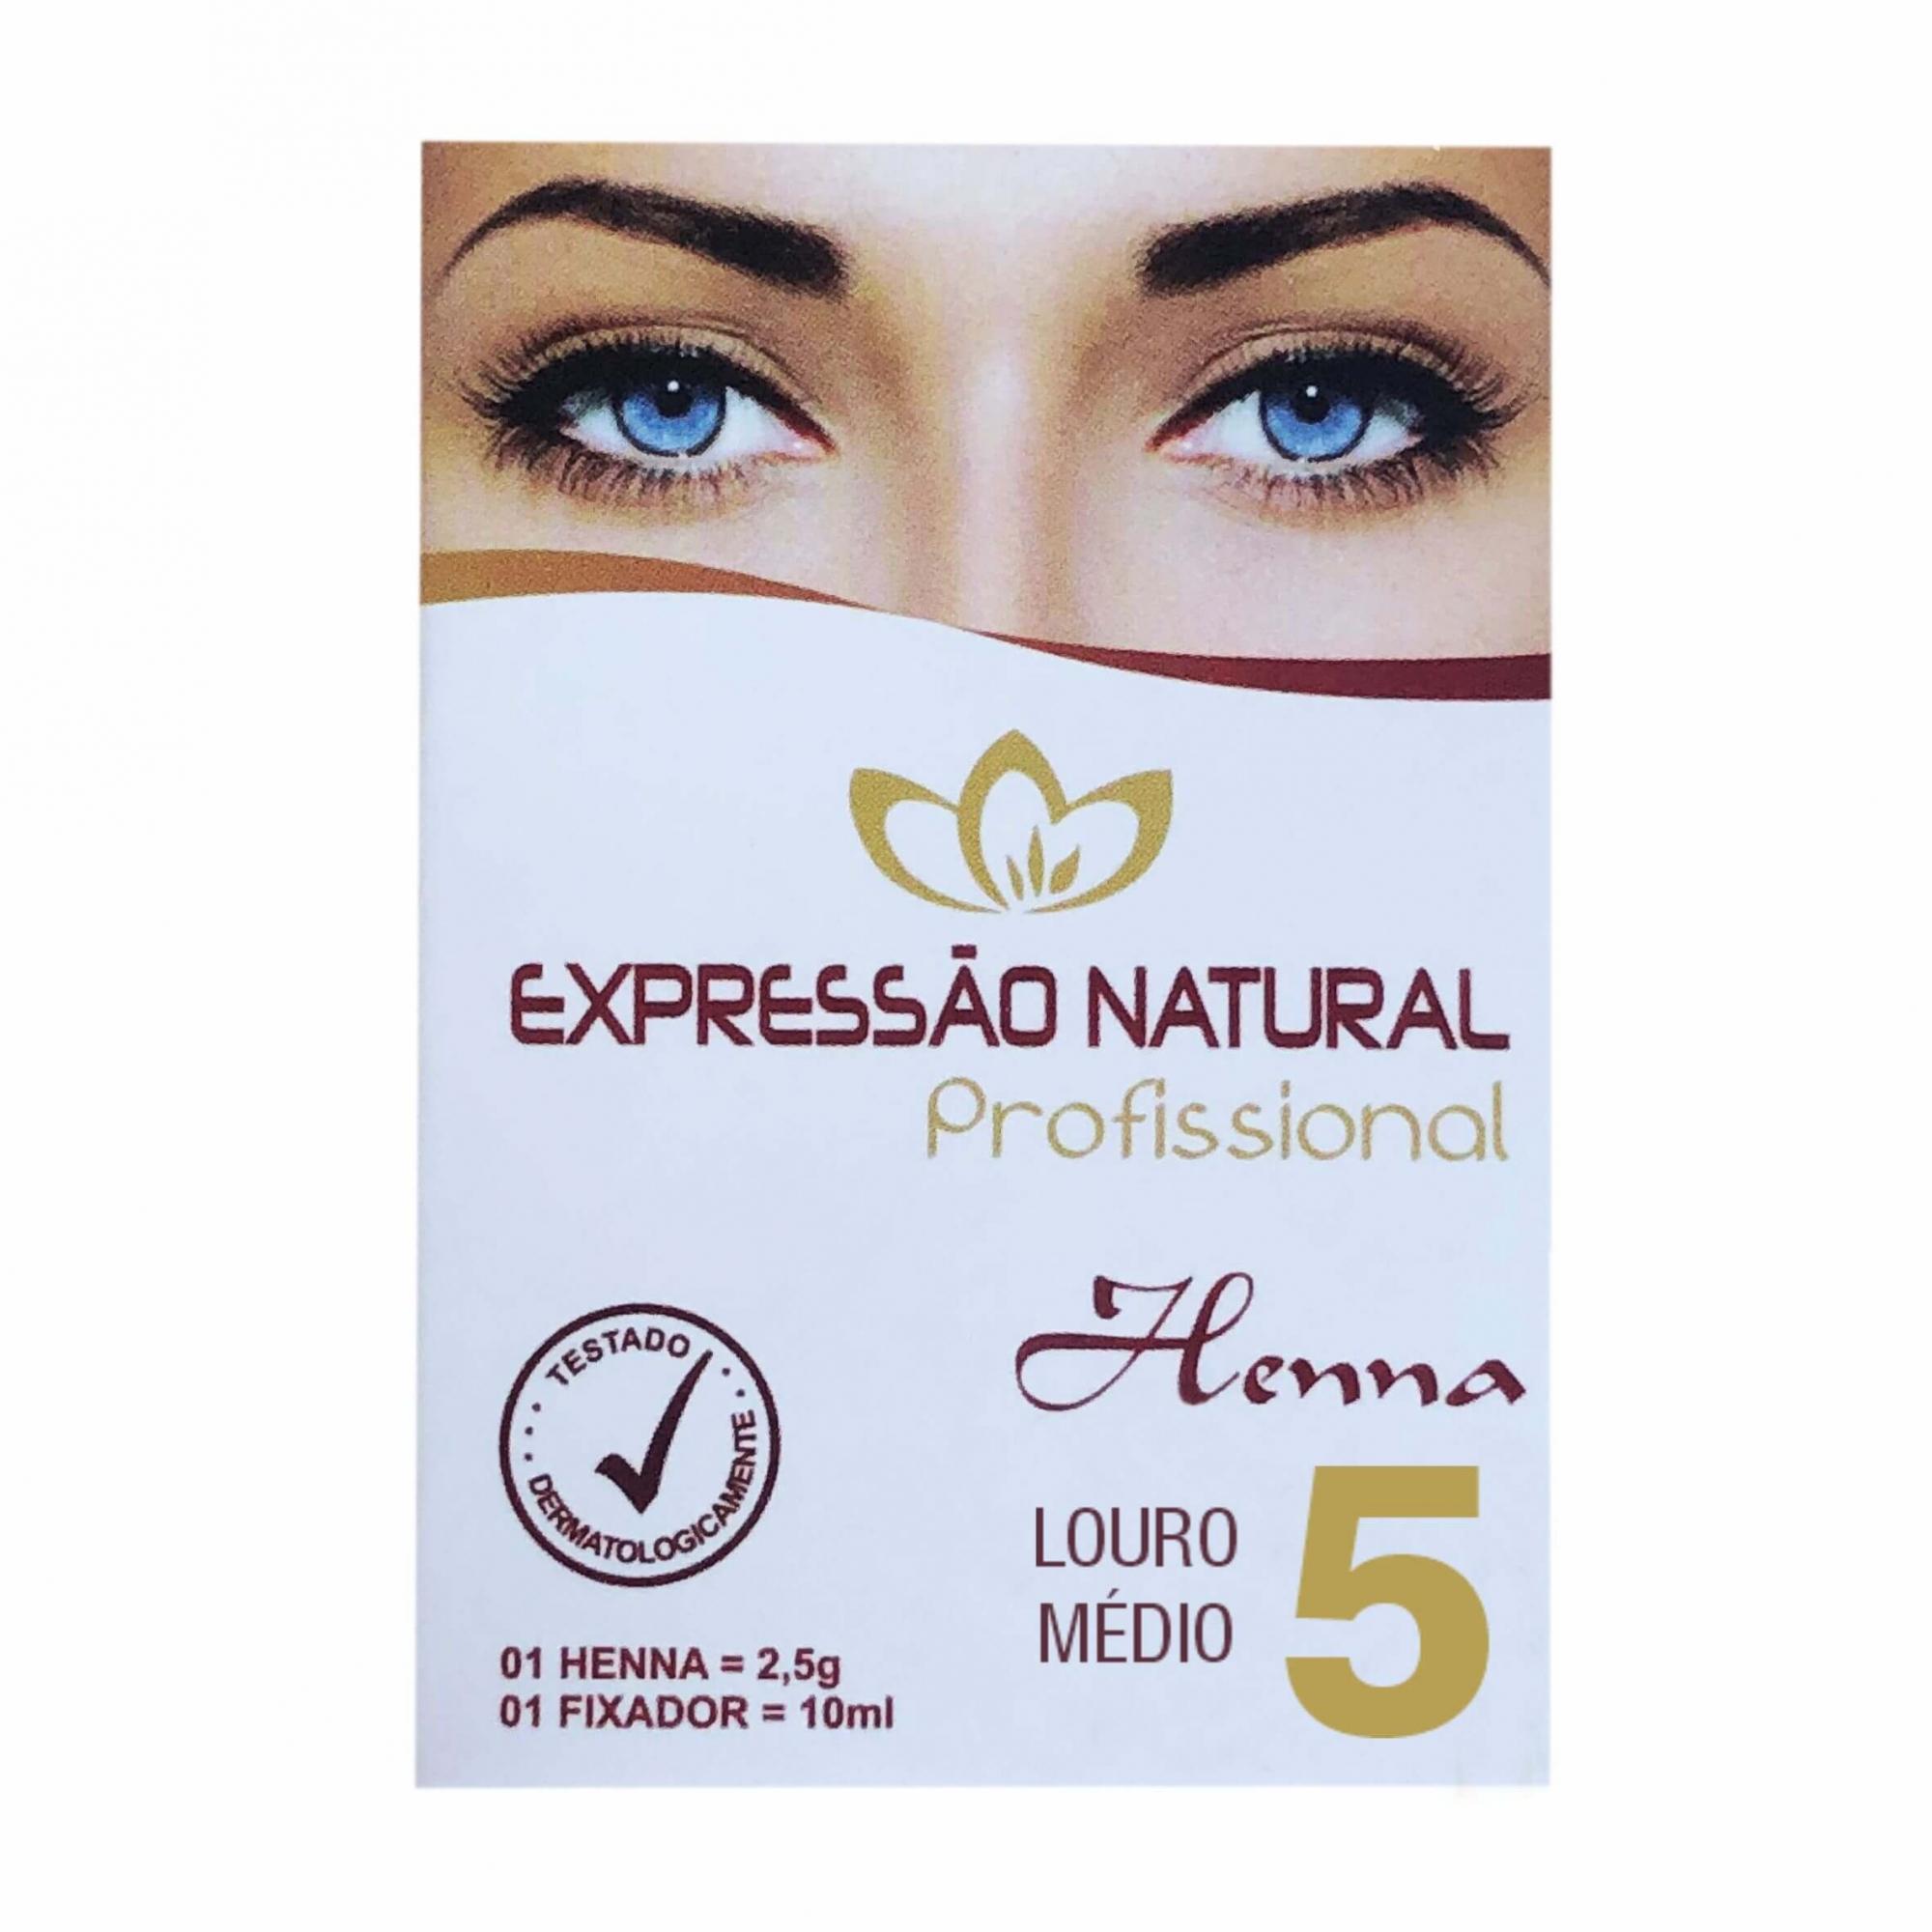 Henna 2,5g + Fixador 10ml Expressão Natural Louro Médio